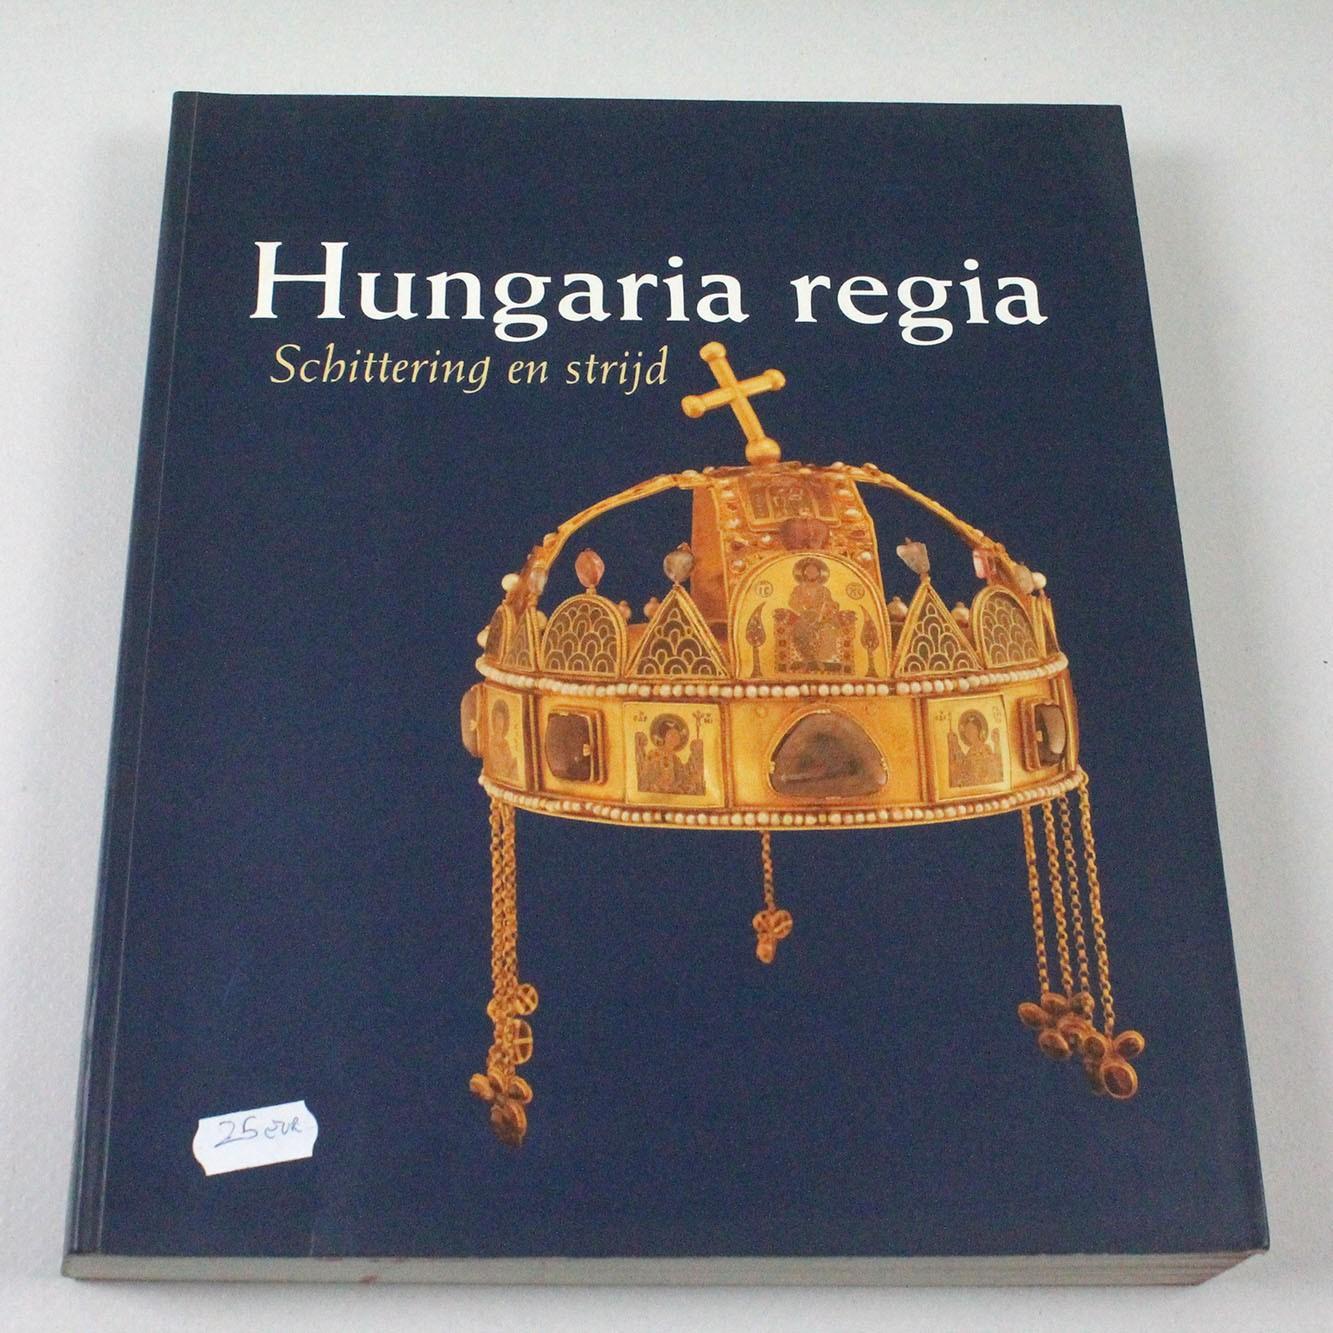 LIB-HUNGARIA REGIA